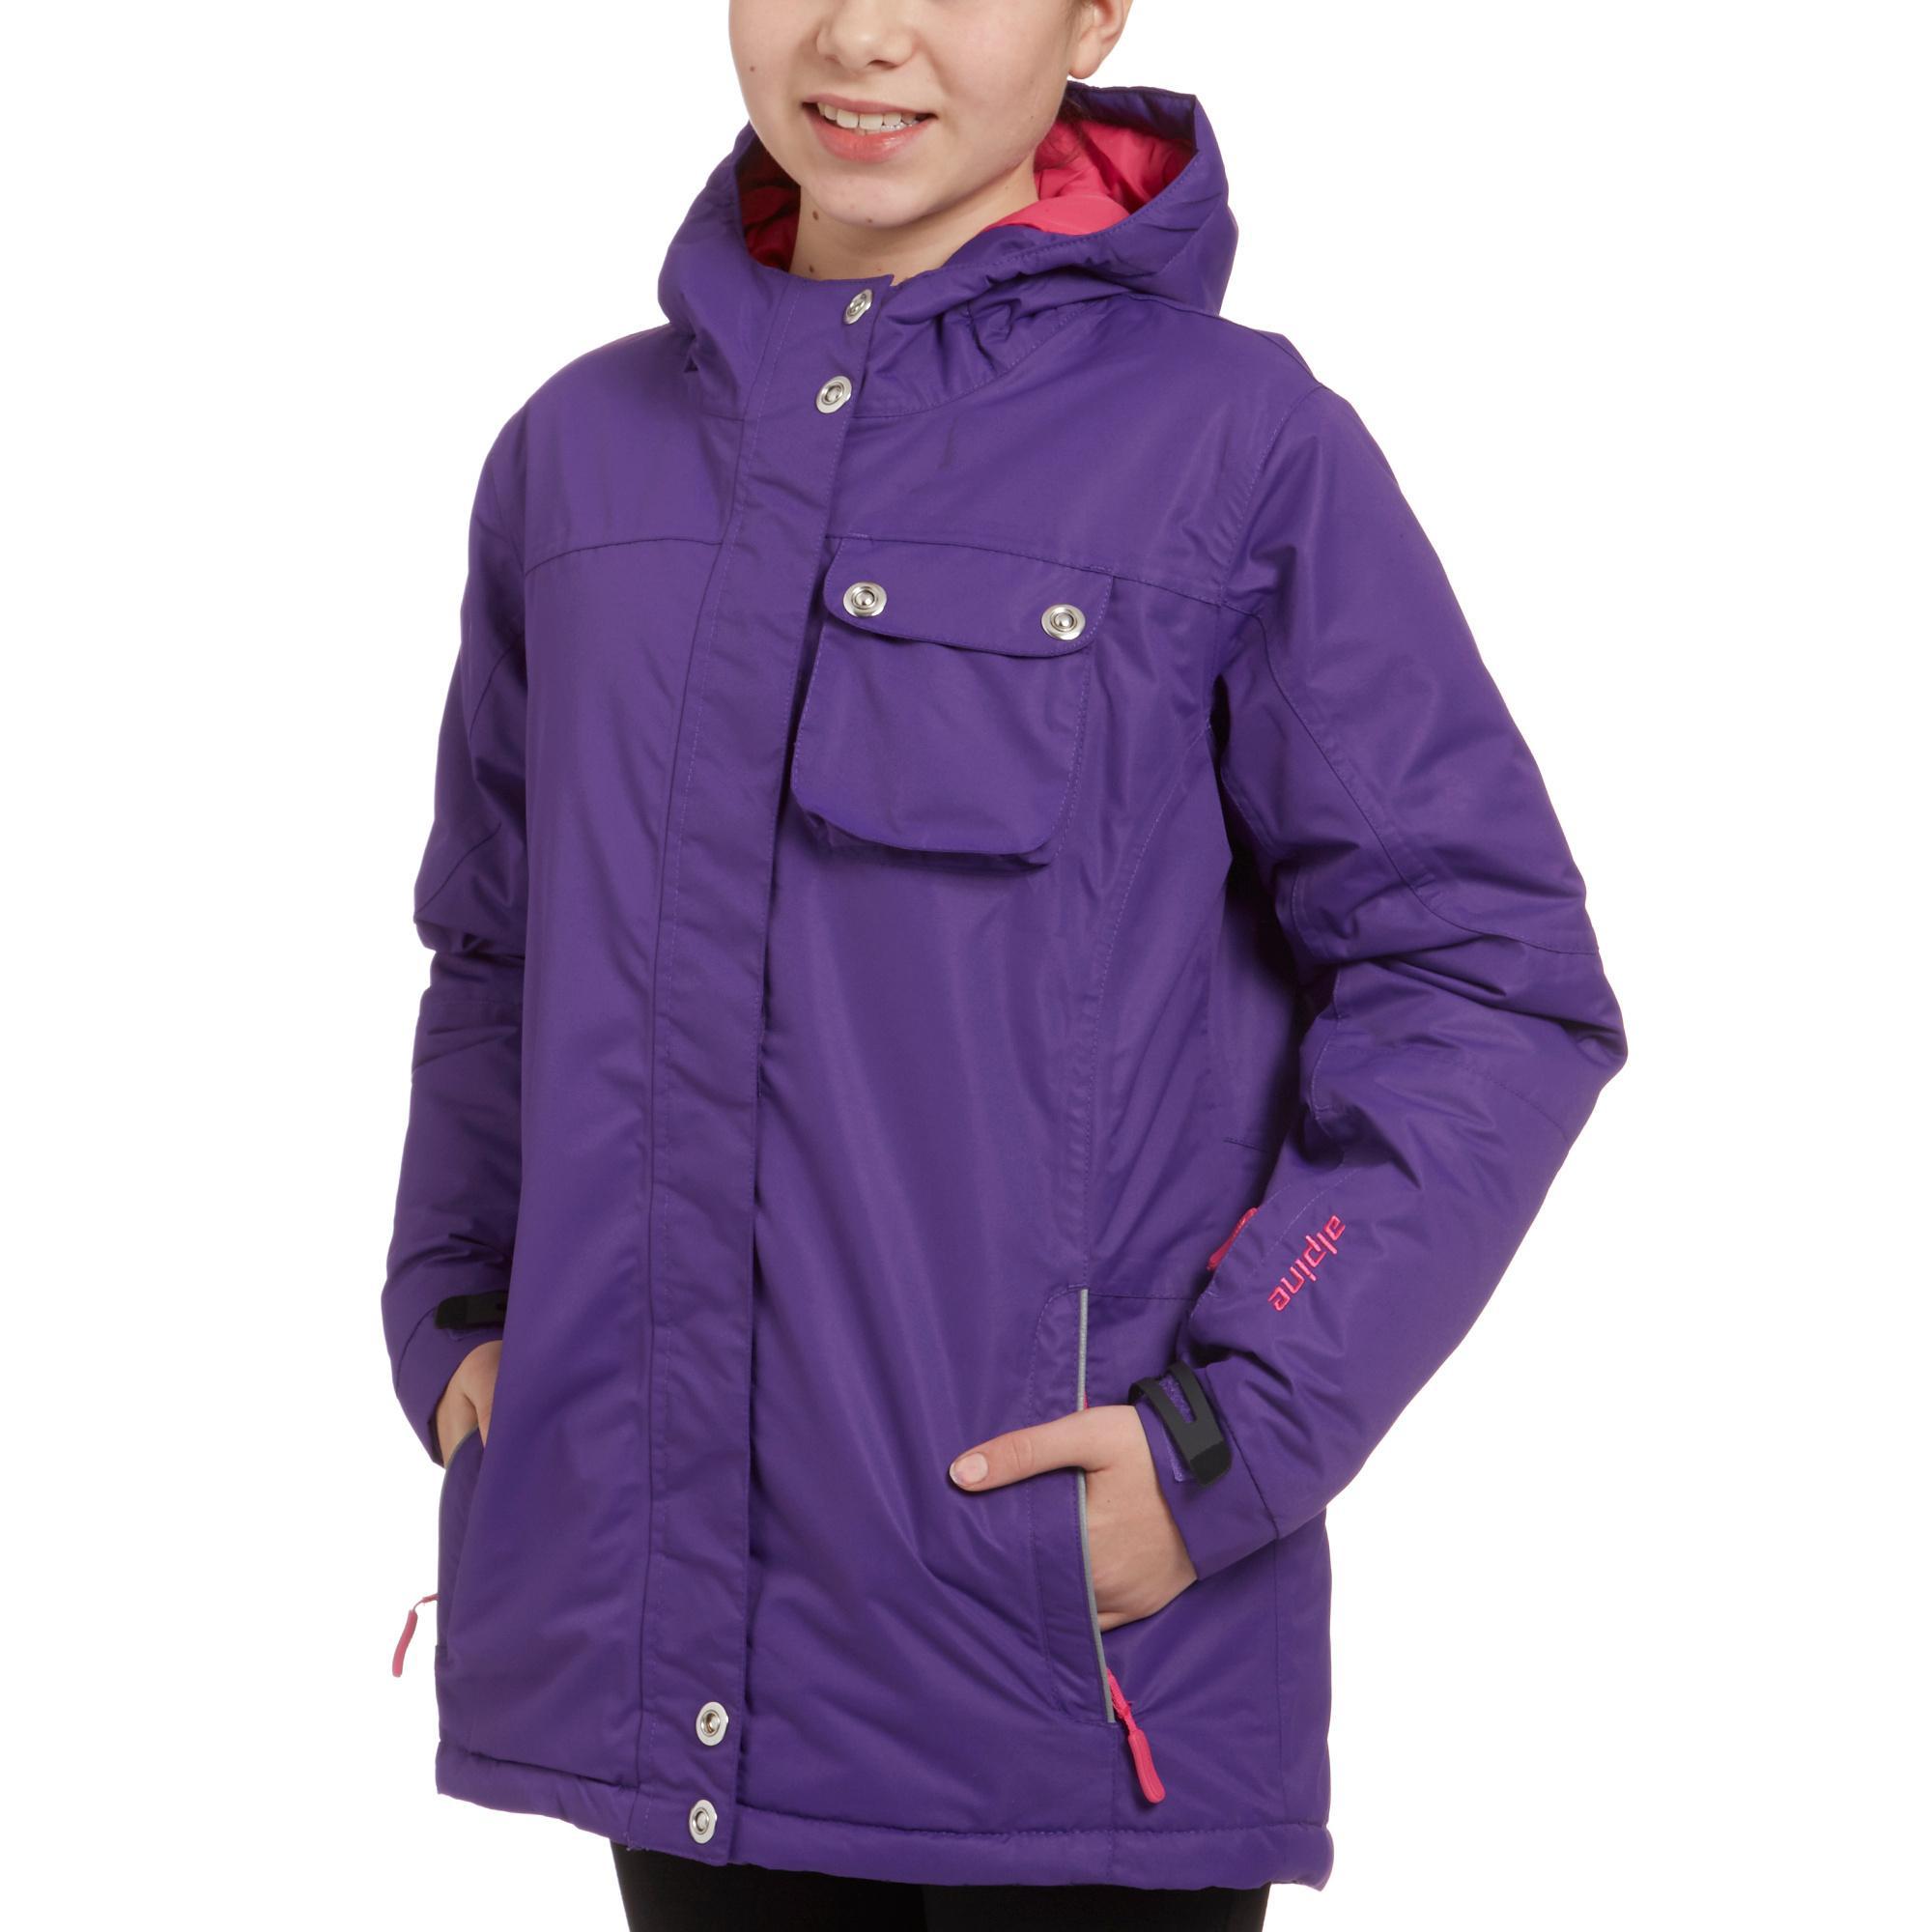 Alpine Girl's Ski Jacket, Purple